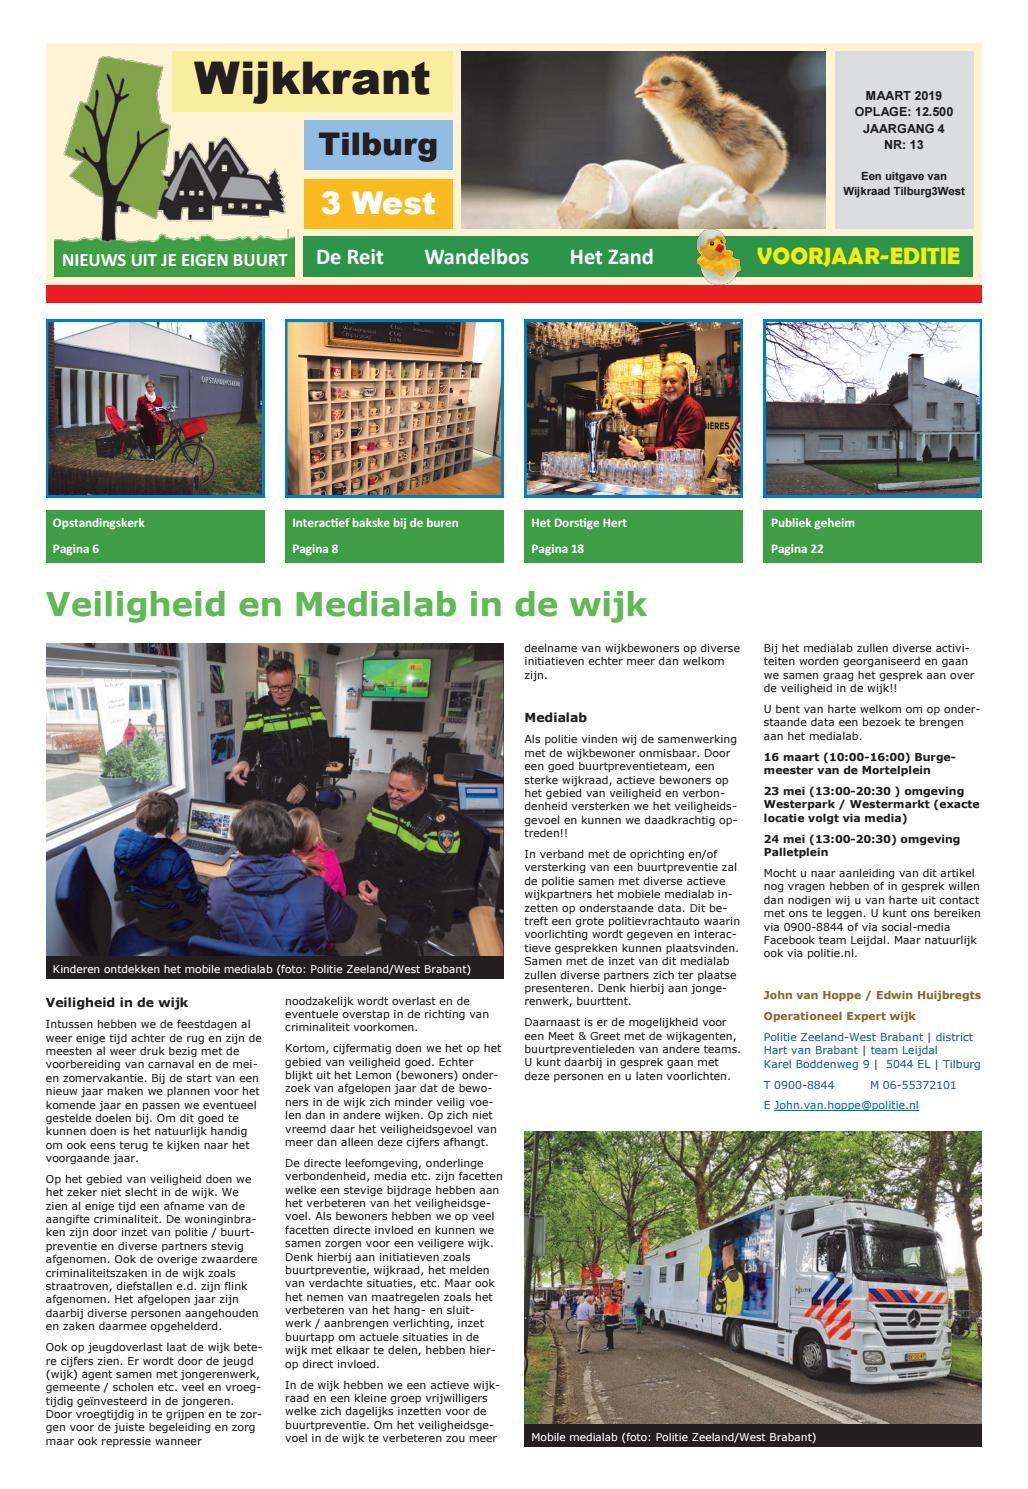 Wijkkrant voorjaar editie maart 2019 by Wijkraad Tilburg 3